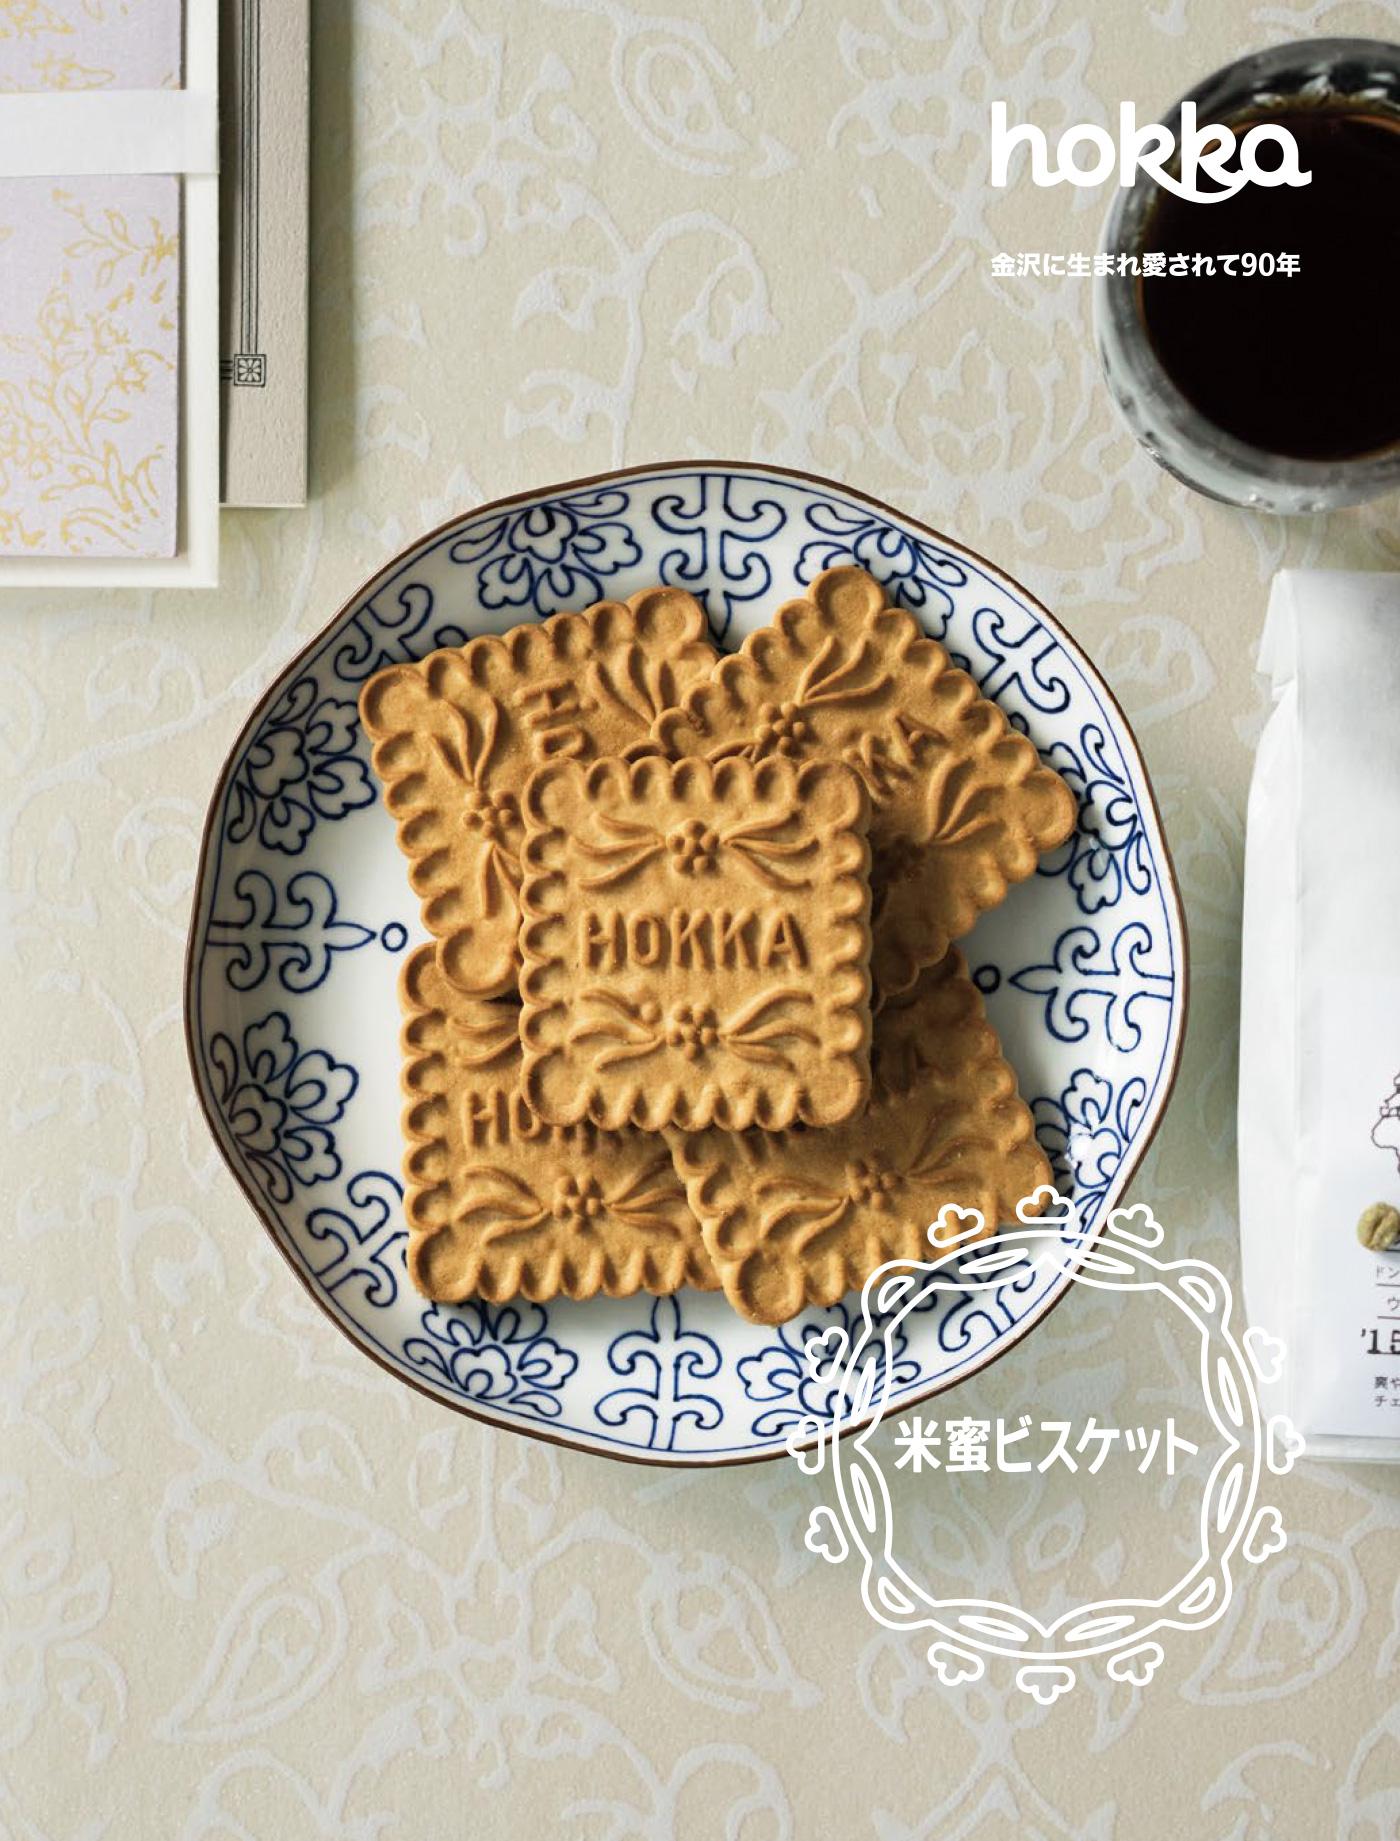 hokka 広告 2